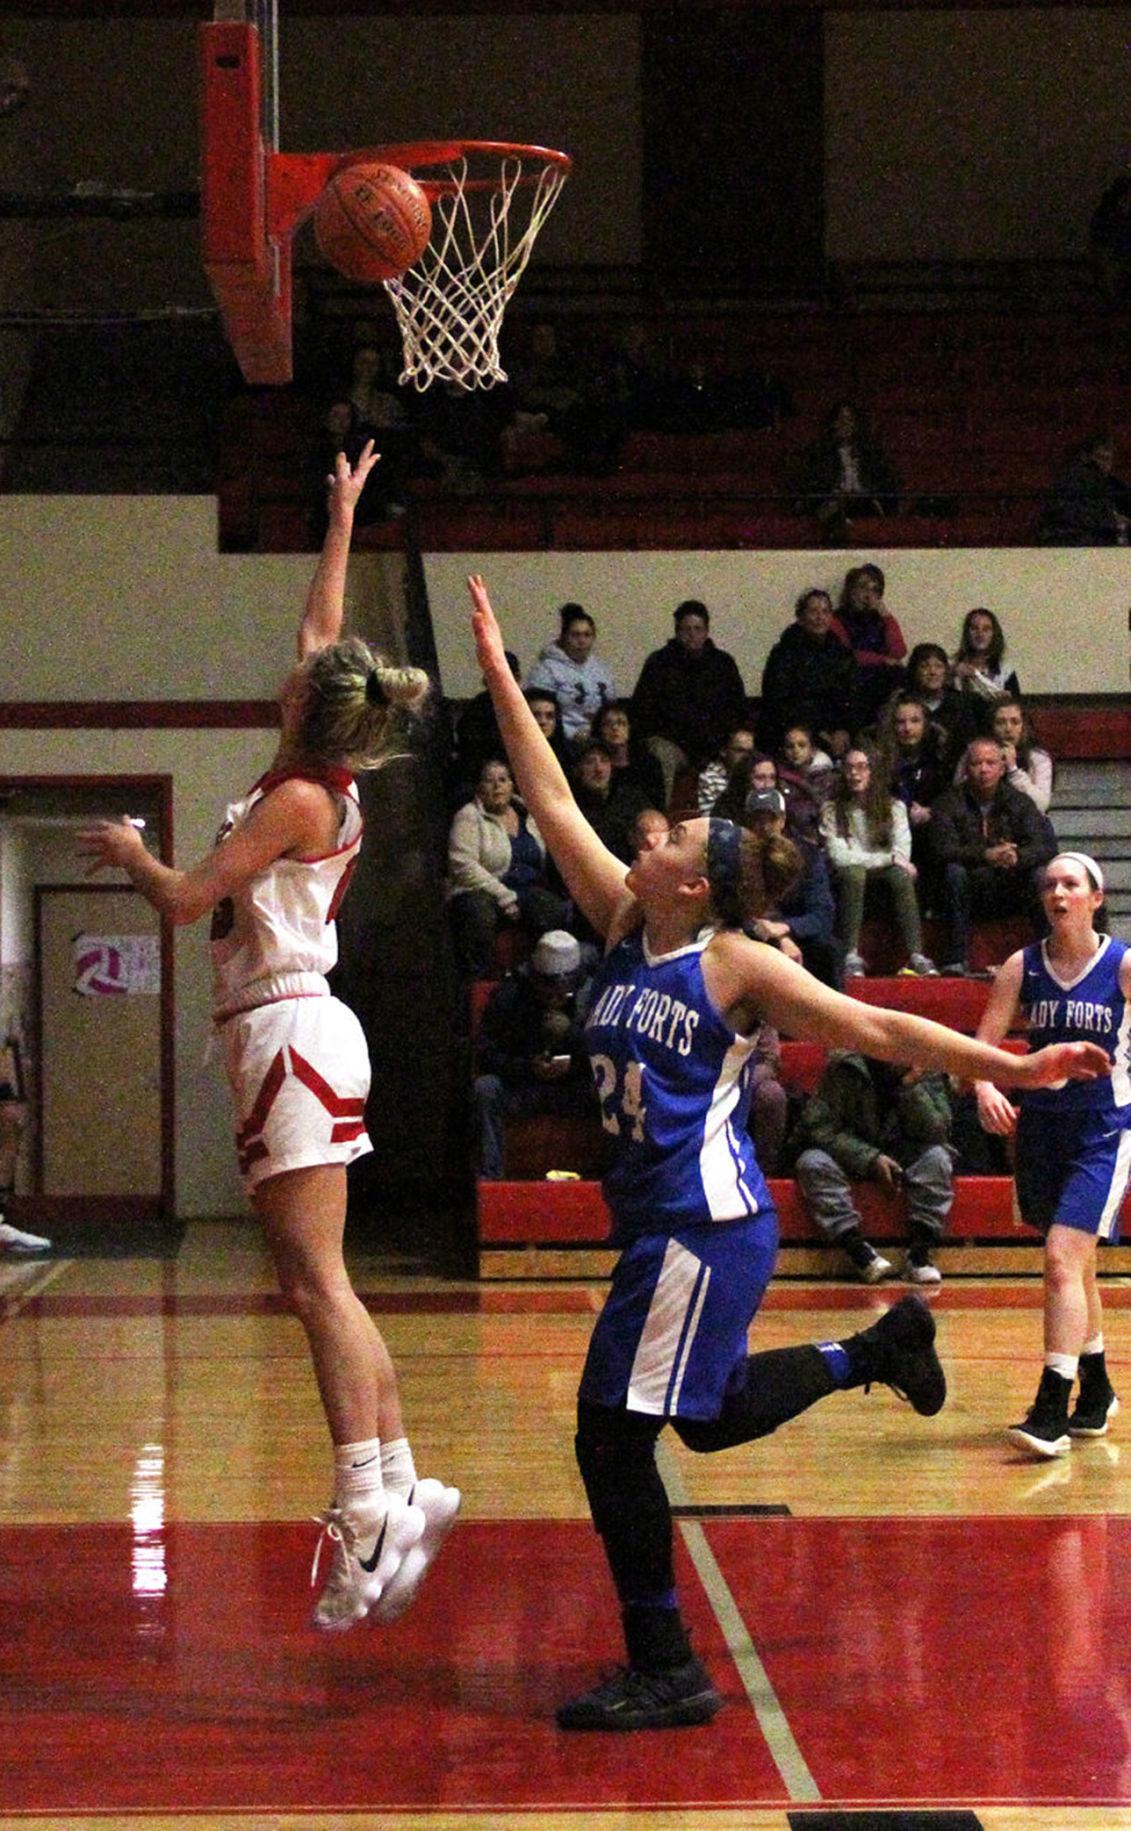 Girls basketball: Glens Falls vs. Fort Edward